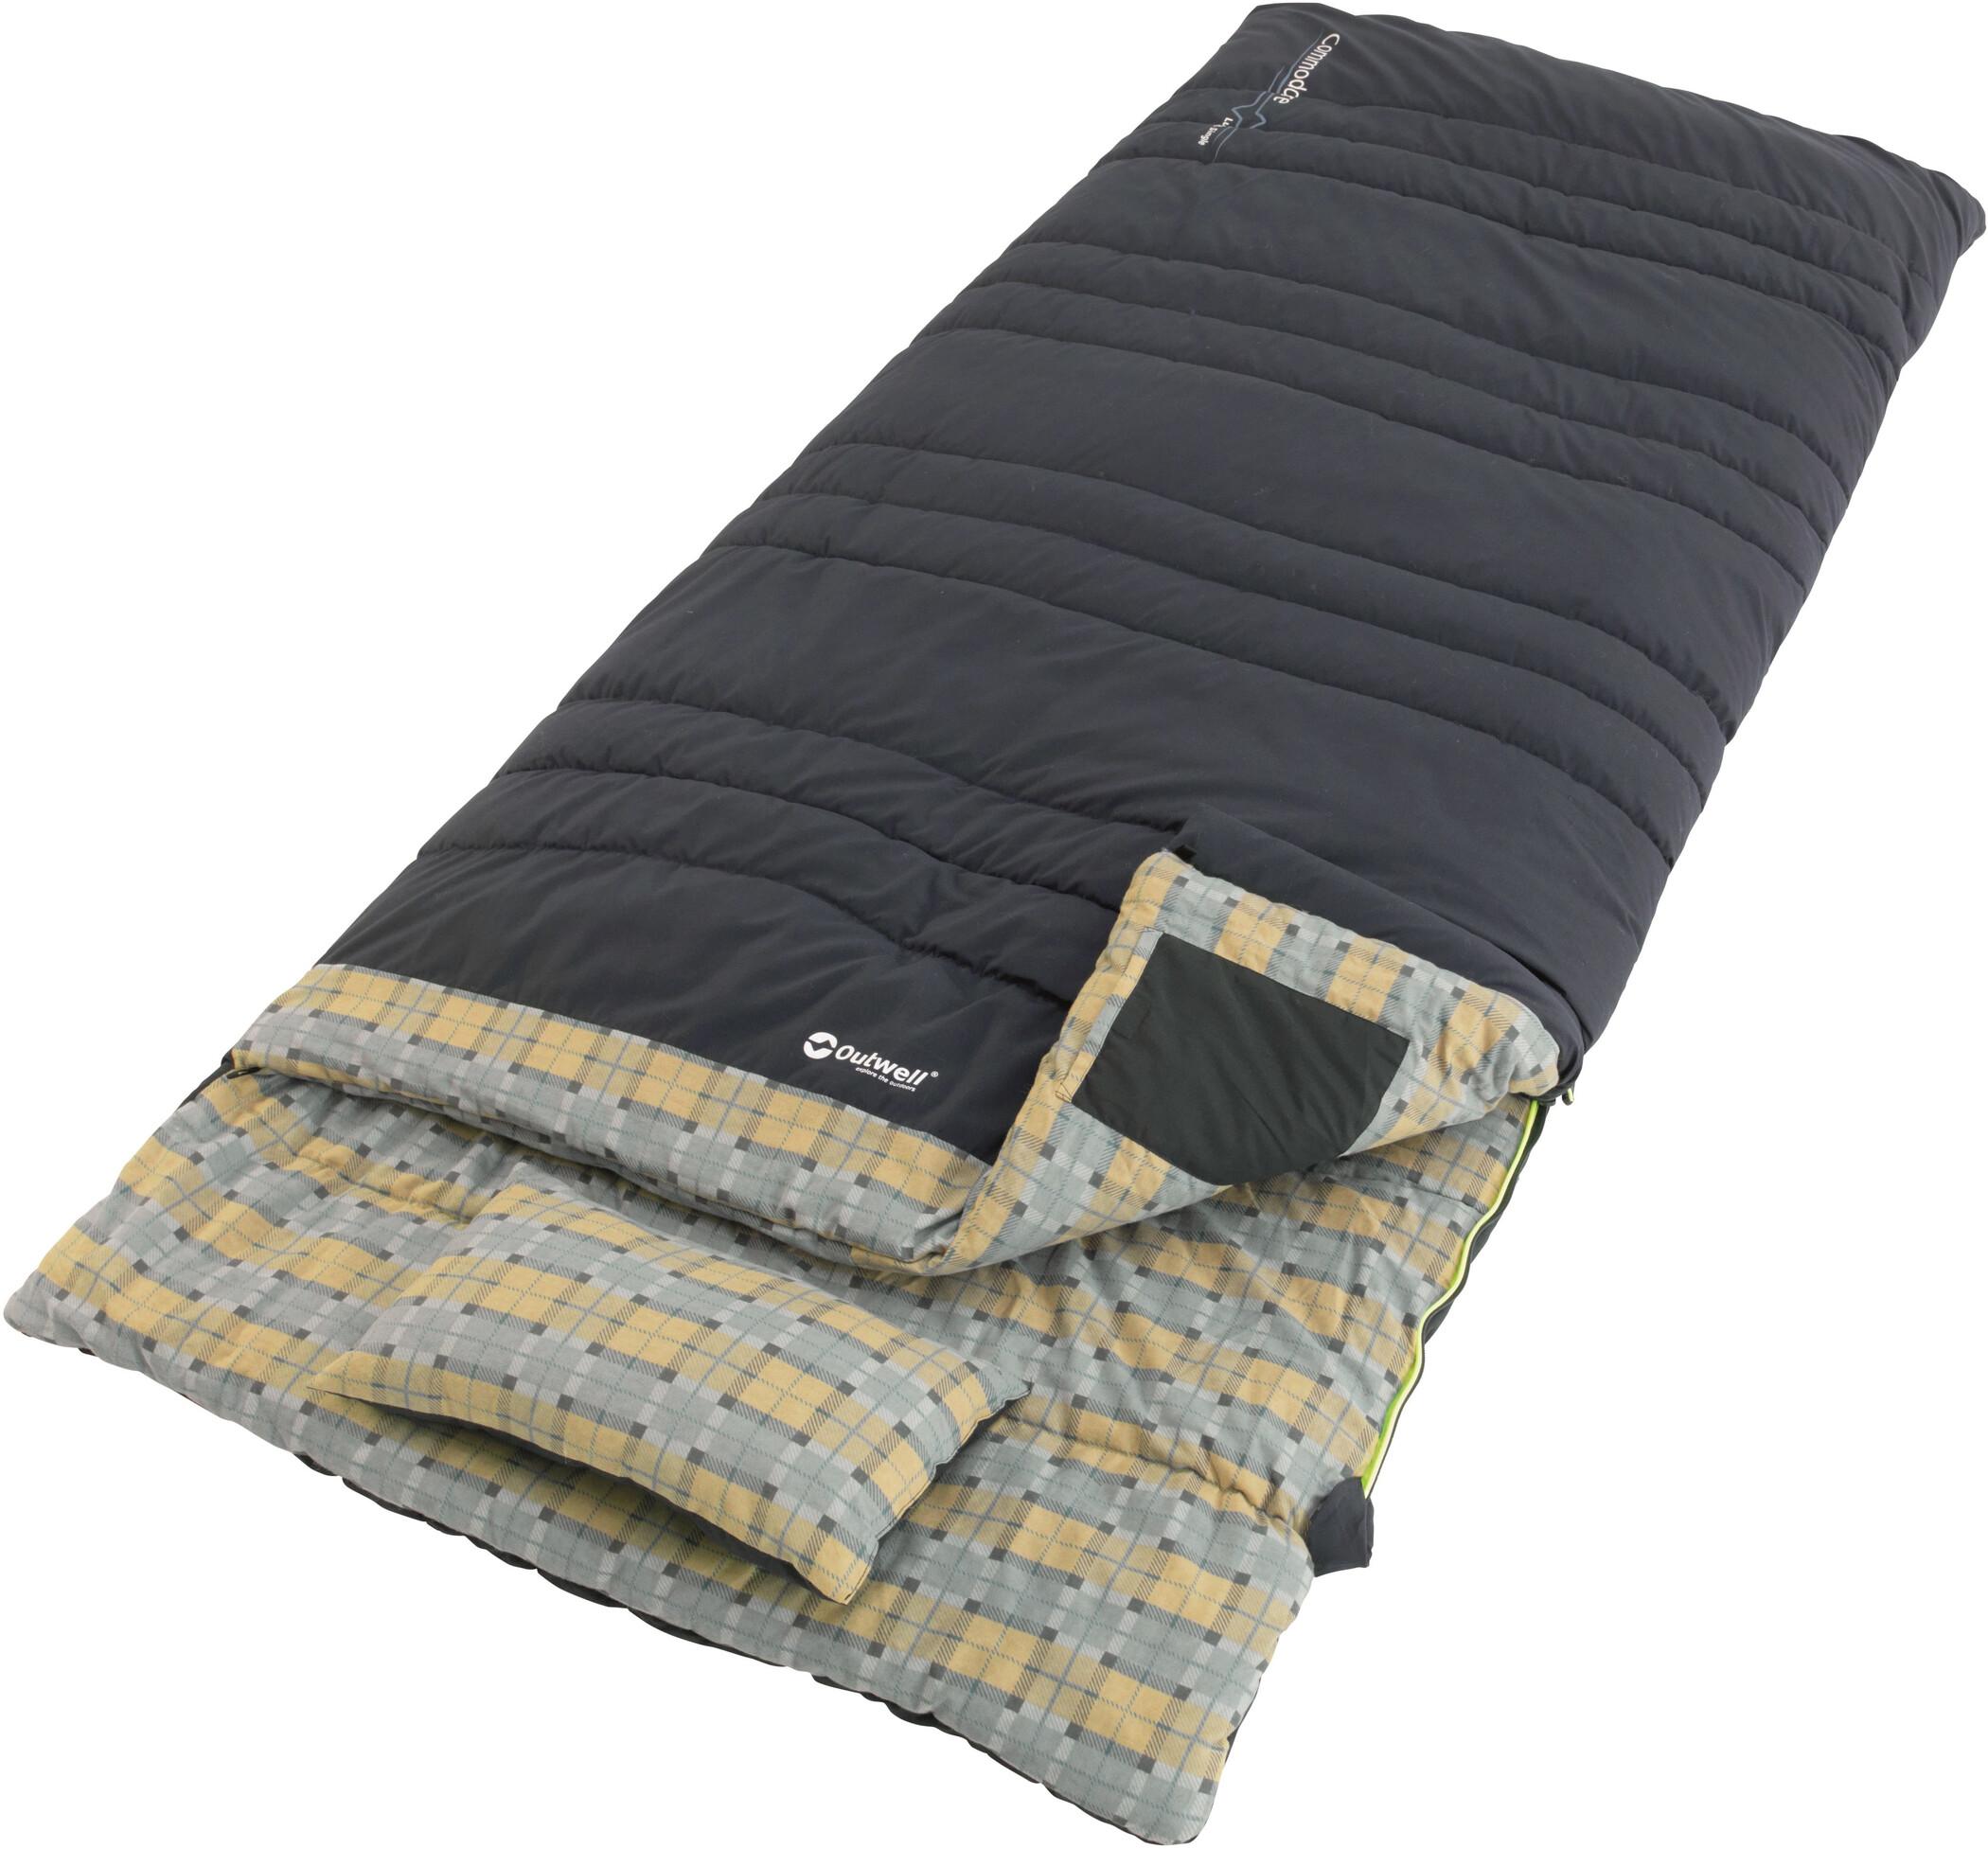 Outwell Commodore Lux Sleeping Bag XL (2019) | Transport og opbevaring > Tilbehør